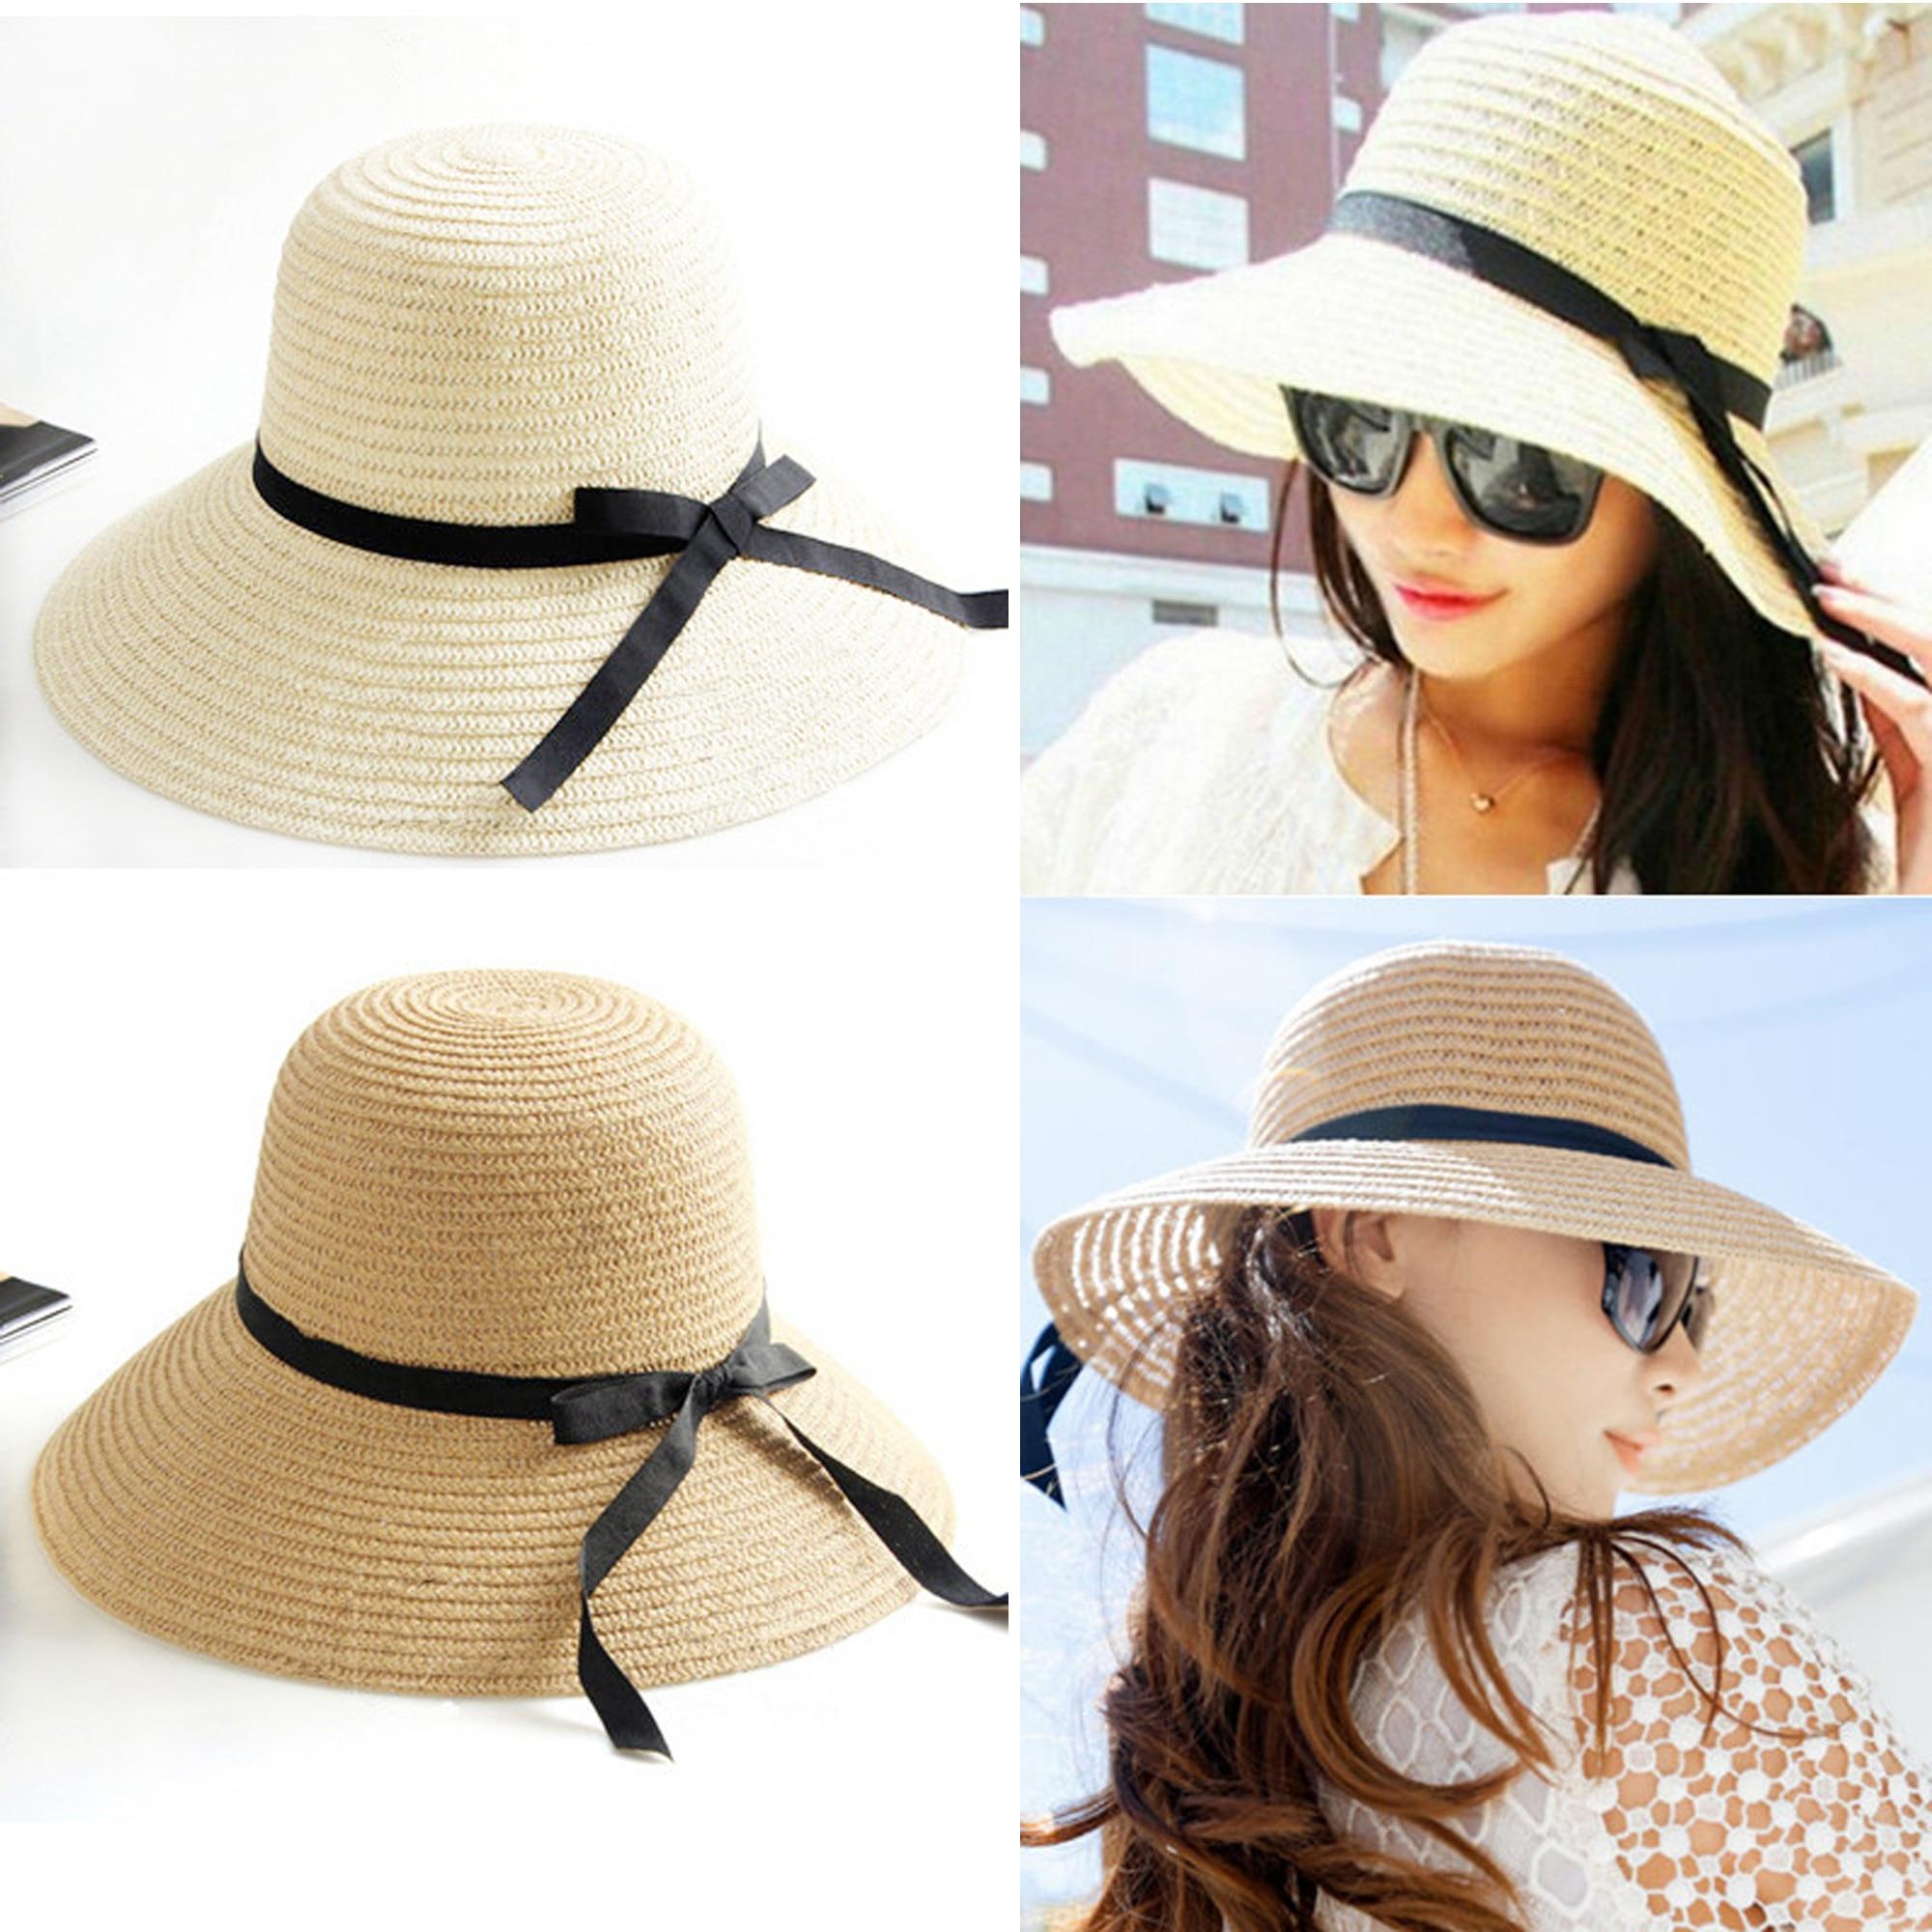 04668ff030b82 Nueva moda Sol sombrero de las mujeres sombreros de paja plegables del  verano para las mujeres Beach headwear 2 colores al por mayor de calidad  superior en ...